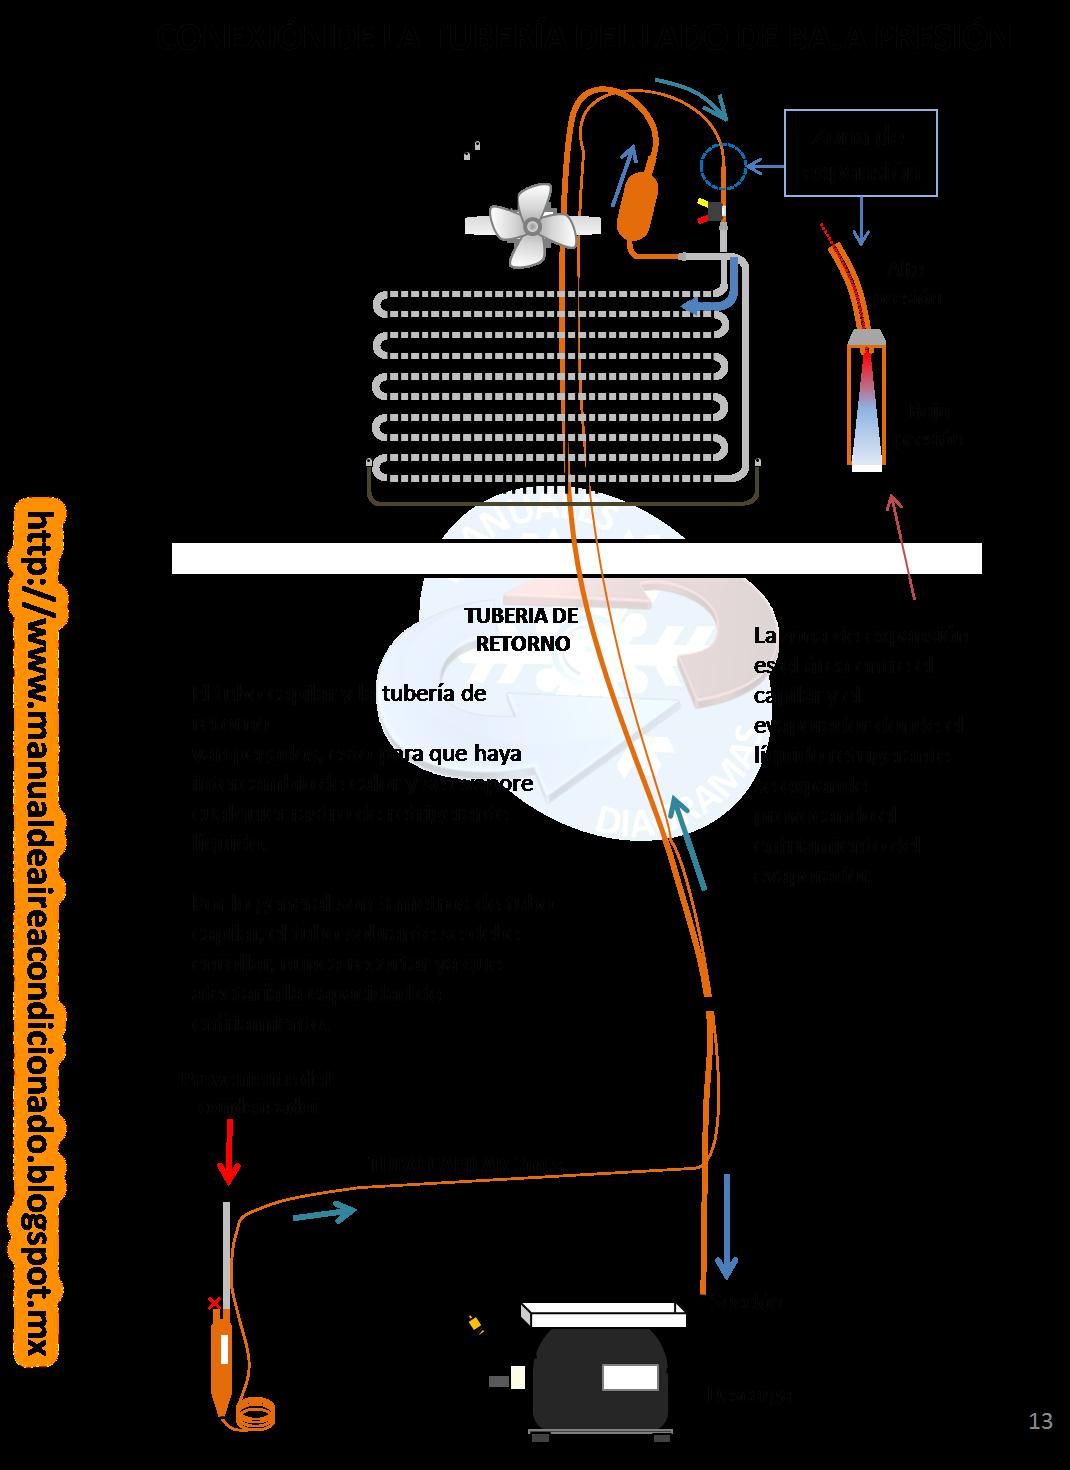 Manual de reparaci n de refrigeradores - Como reparar una vitroceramica ...